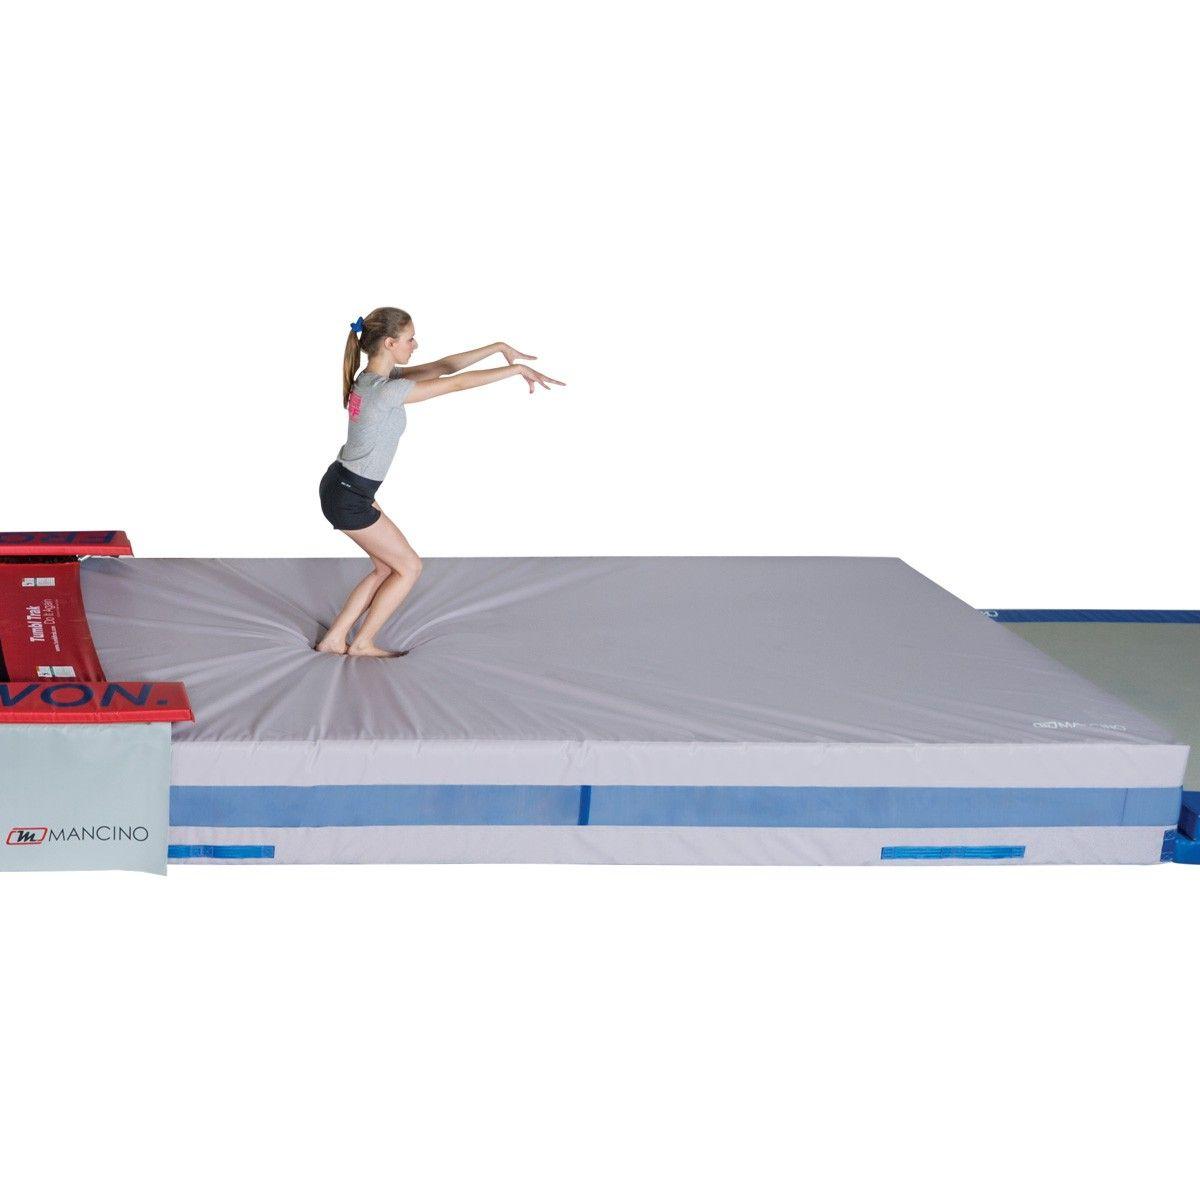 Tumbl Trak Soft Landing Mats Gymnastics Gymnastics Mats Gymnastics Equipment